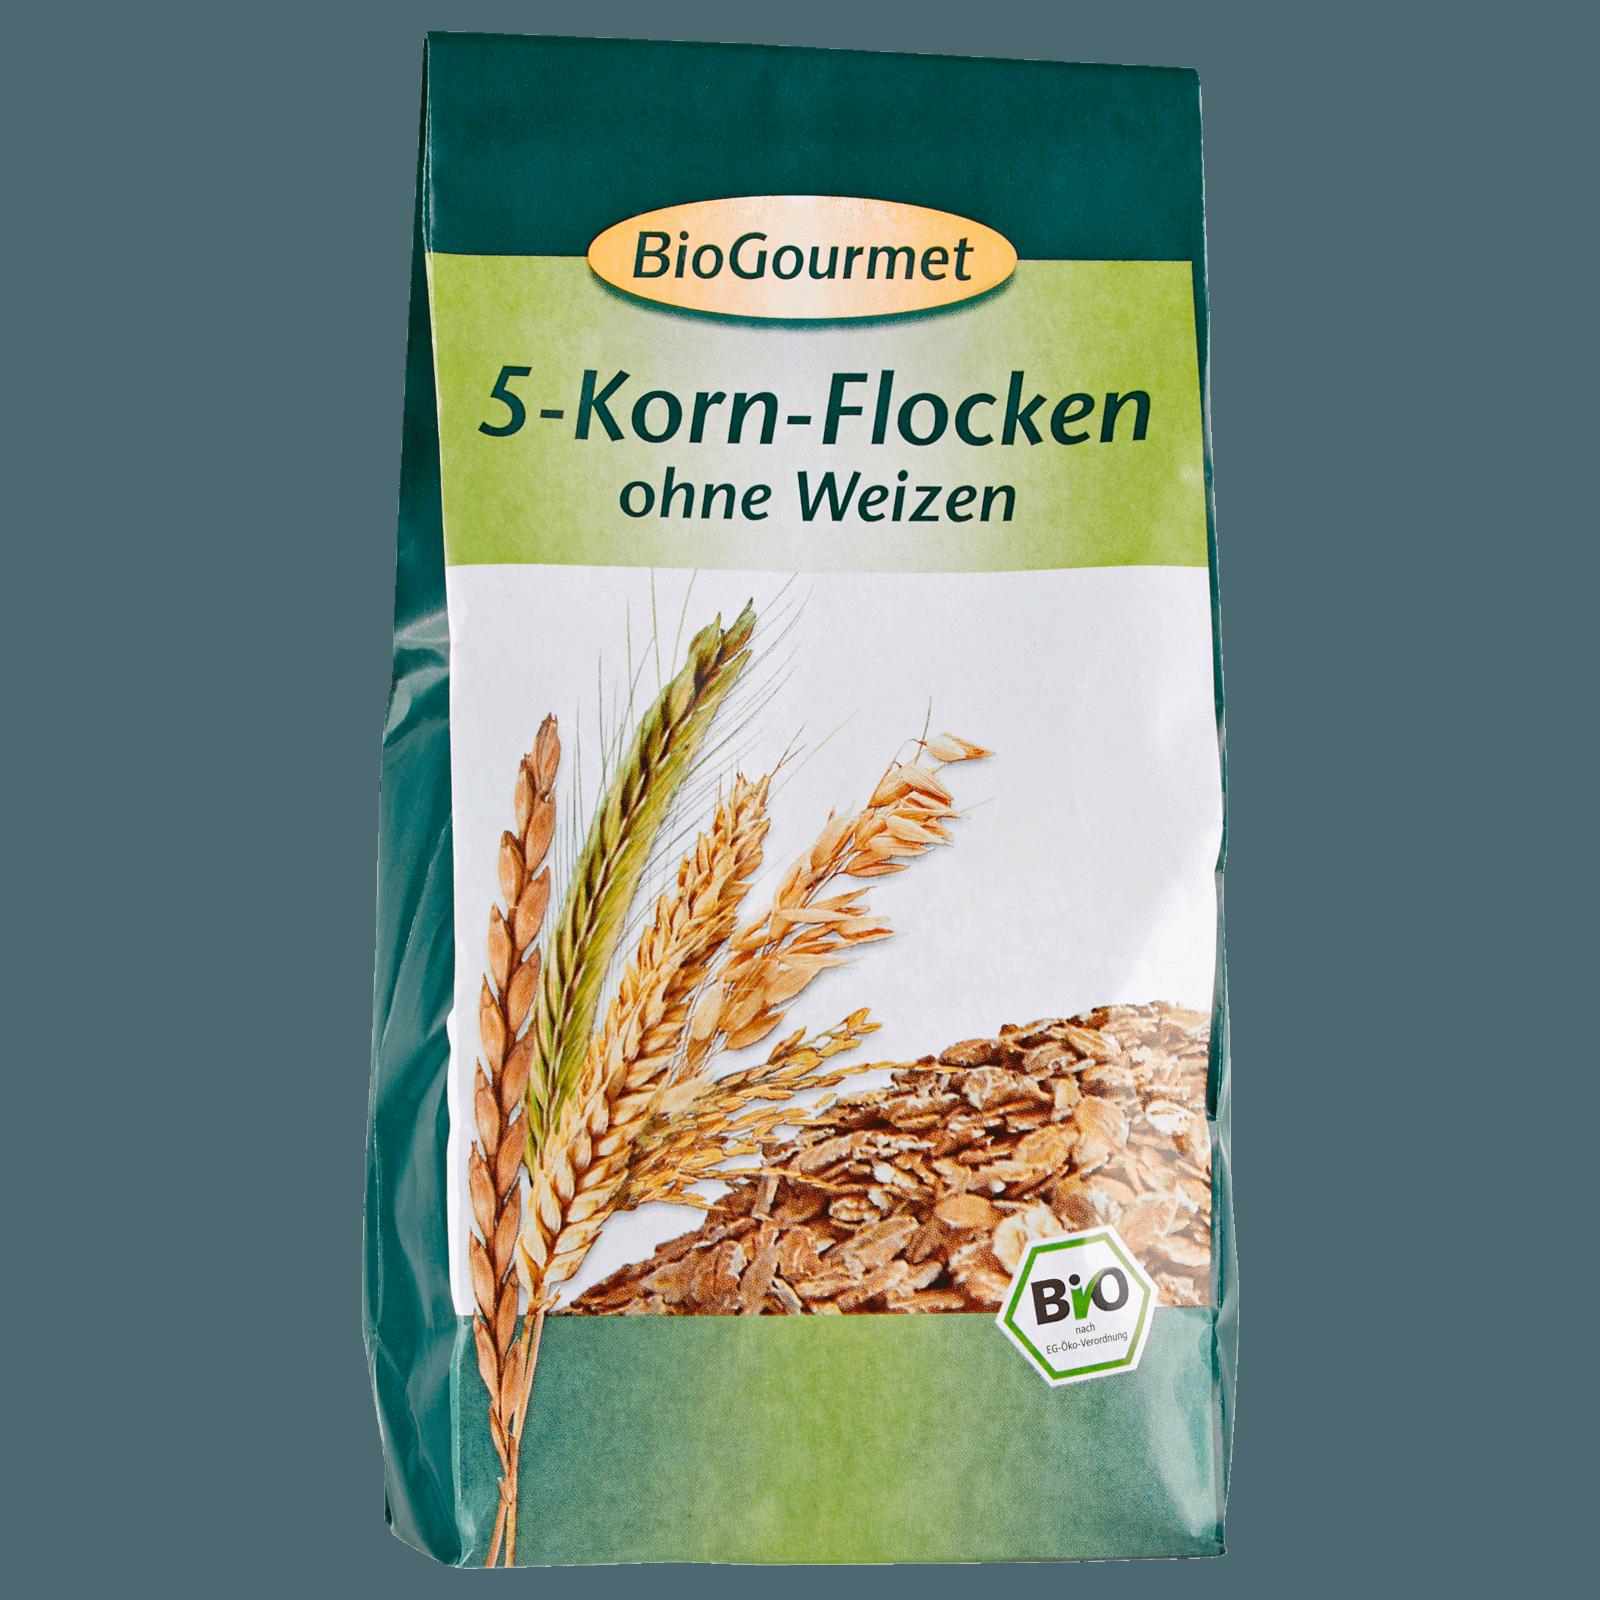 BioGourmet 5-Korn-Flocken ohne Weizen 400g